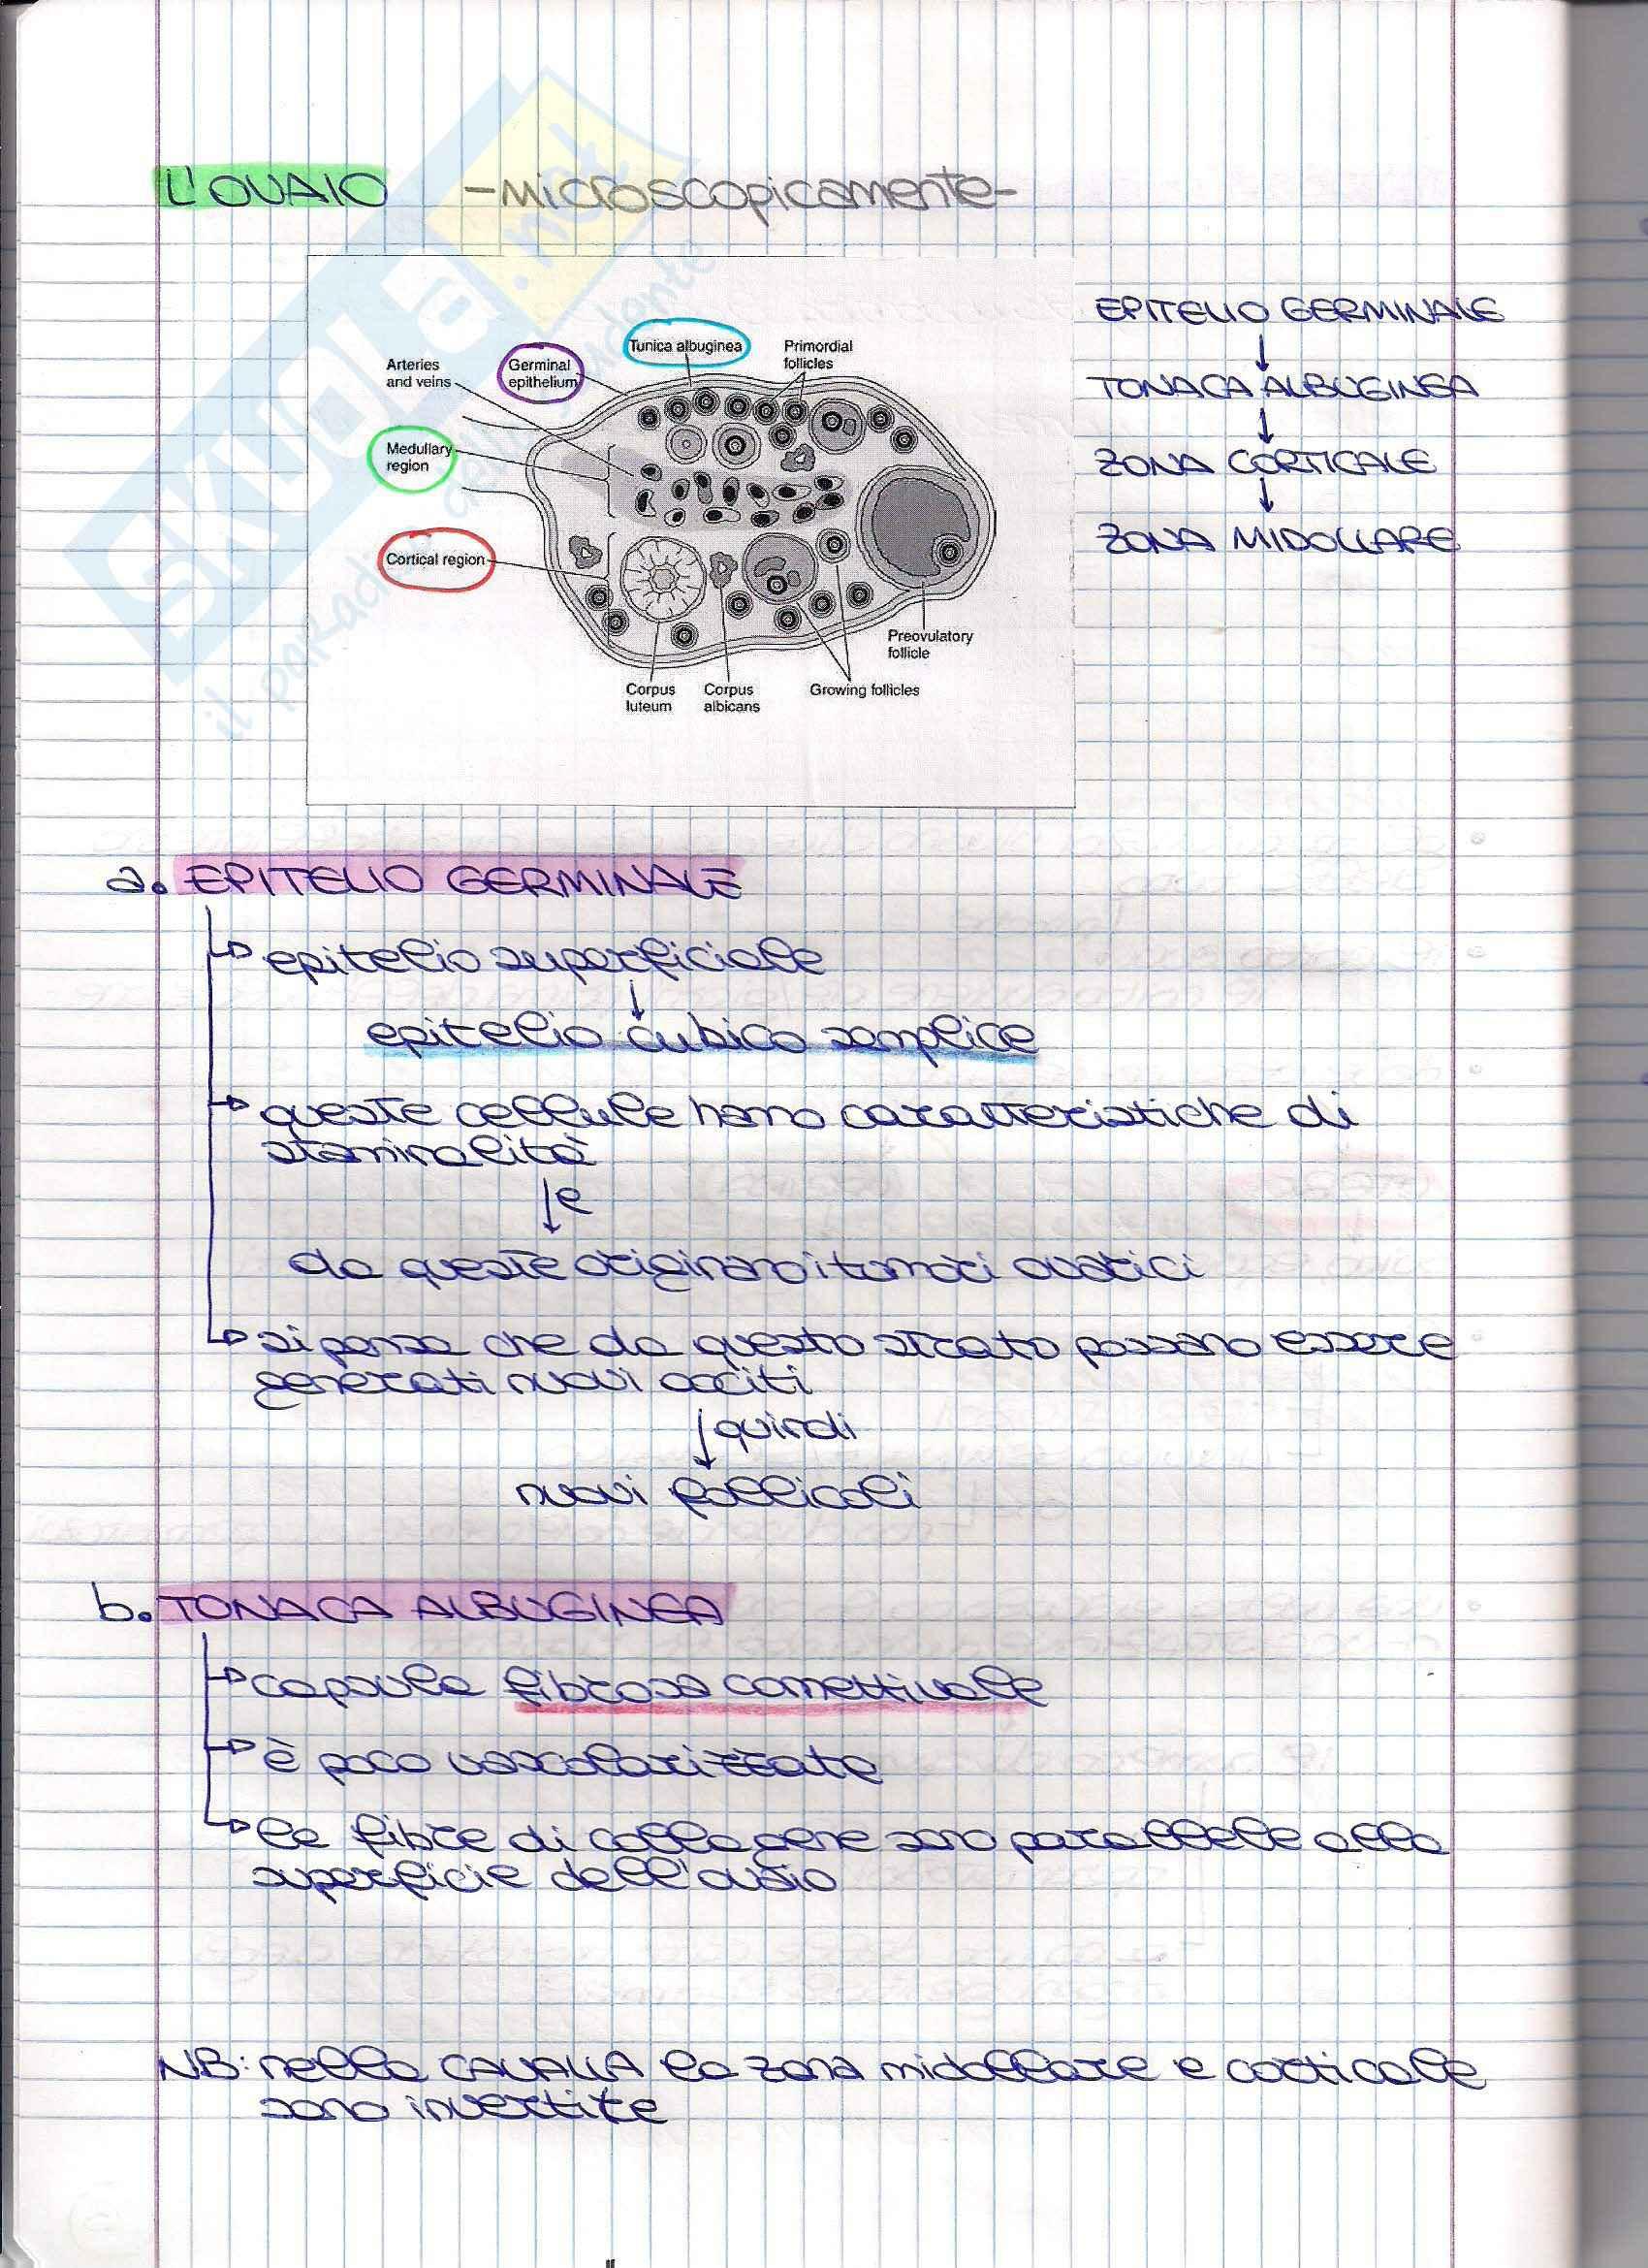 Struttura dell'apparato Riproduttore - Appunti Pag. 46